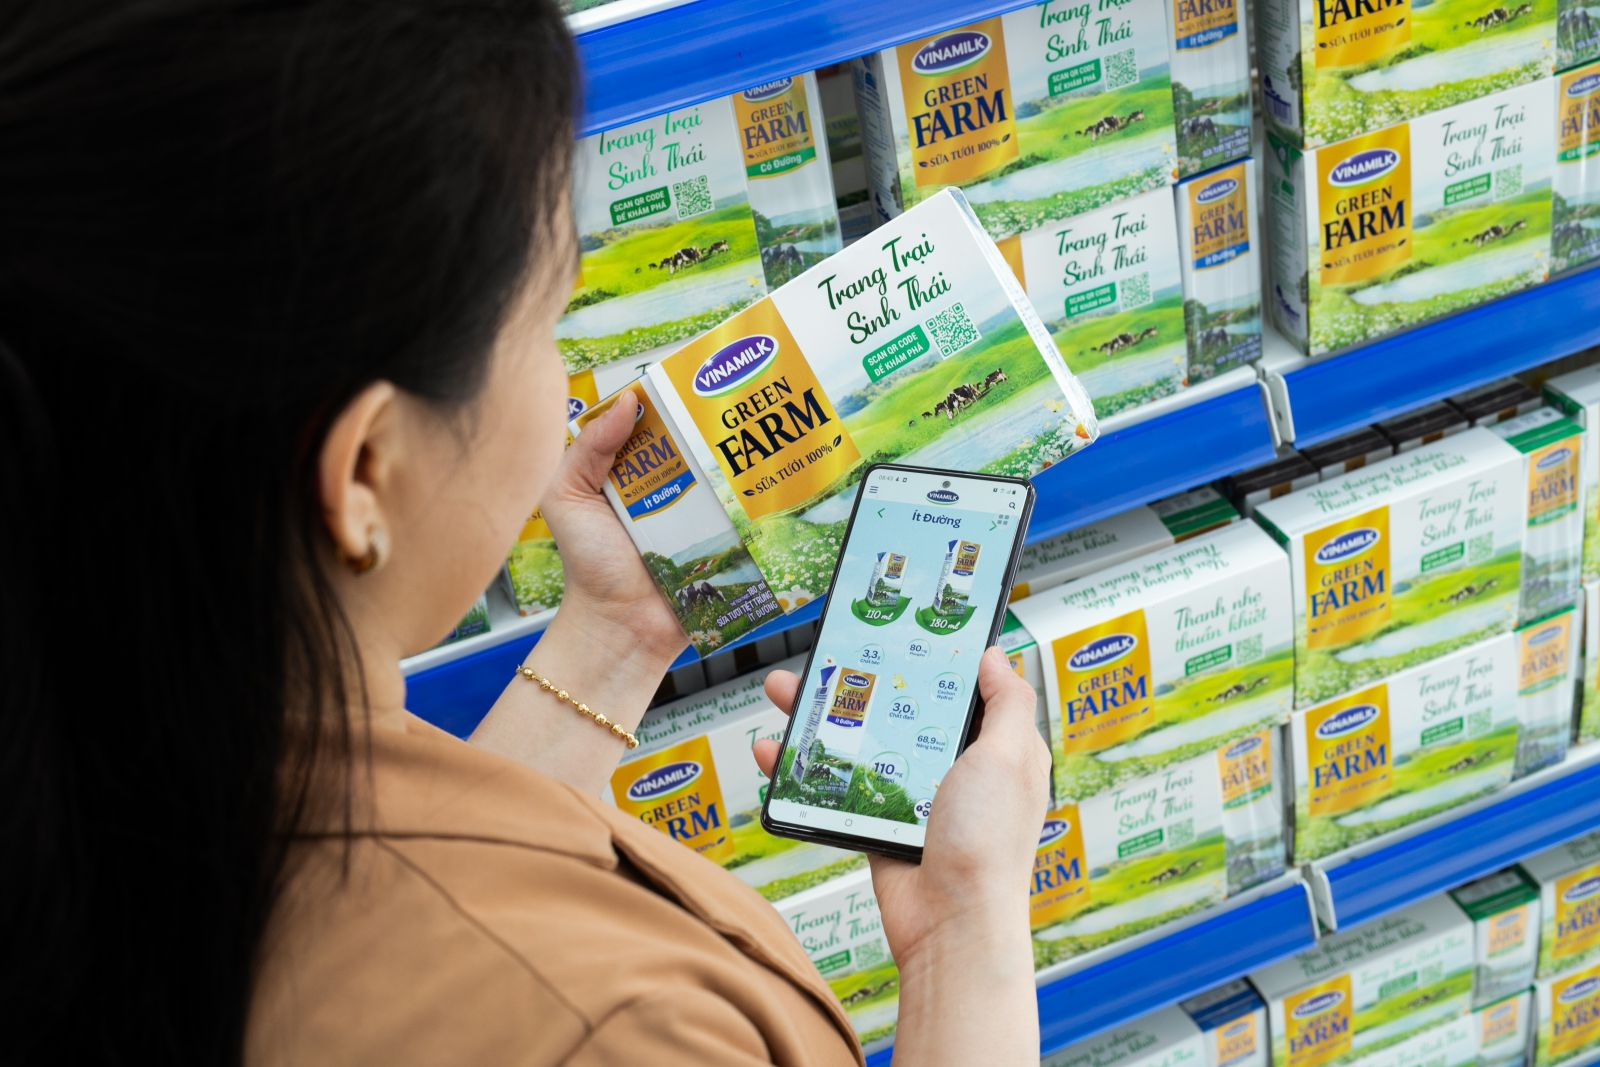 Người tiêu dùng scan QR code để tìm kiếm thông tin về Sữa tươi Vinamilk Green Farm